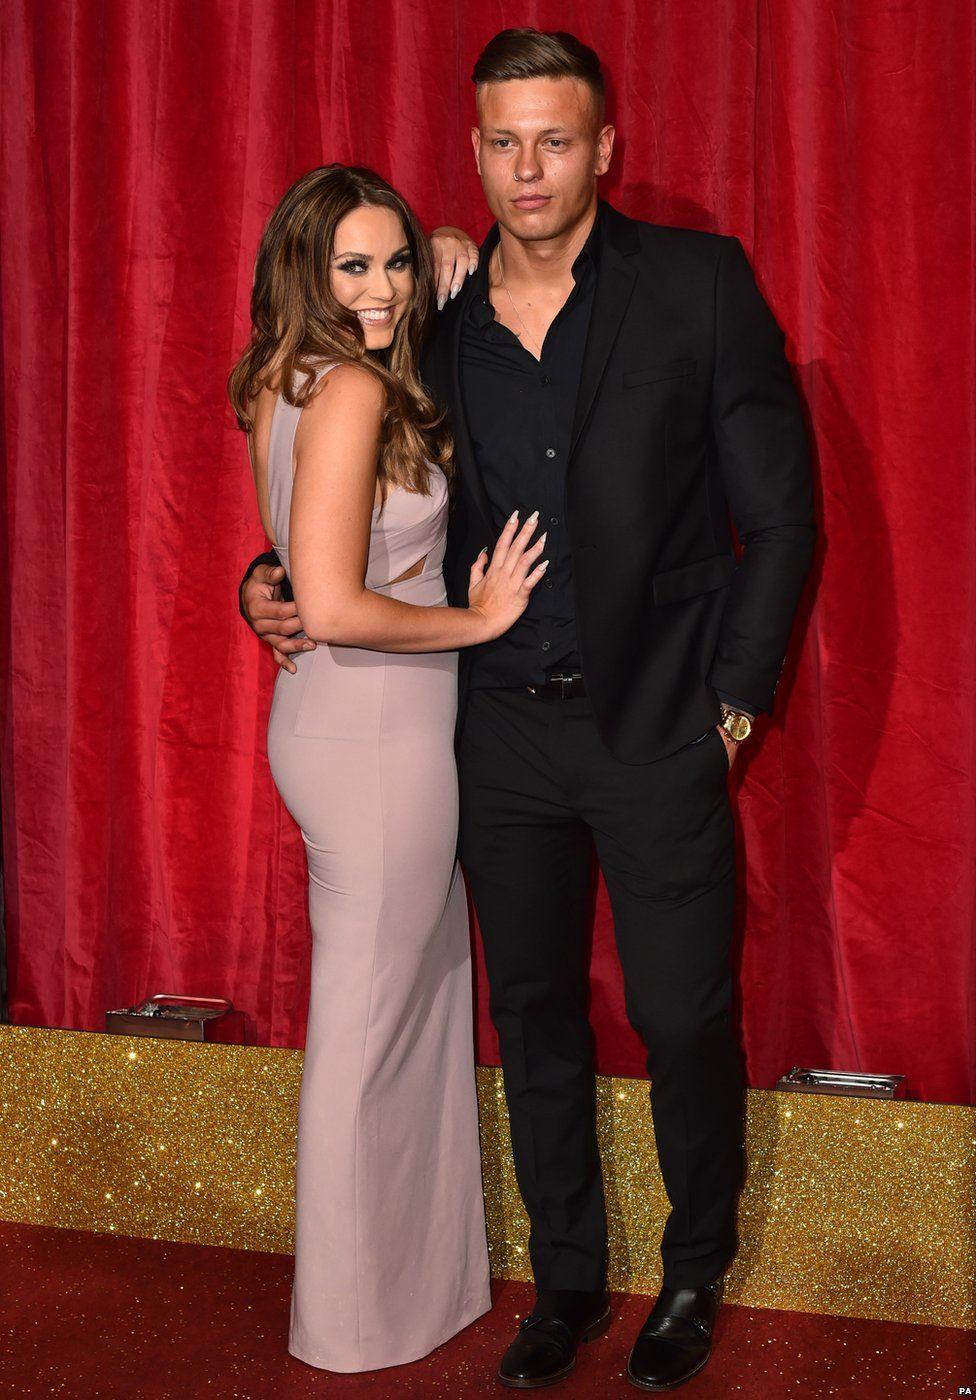 Vicky Pattison and Alex Bowen